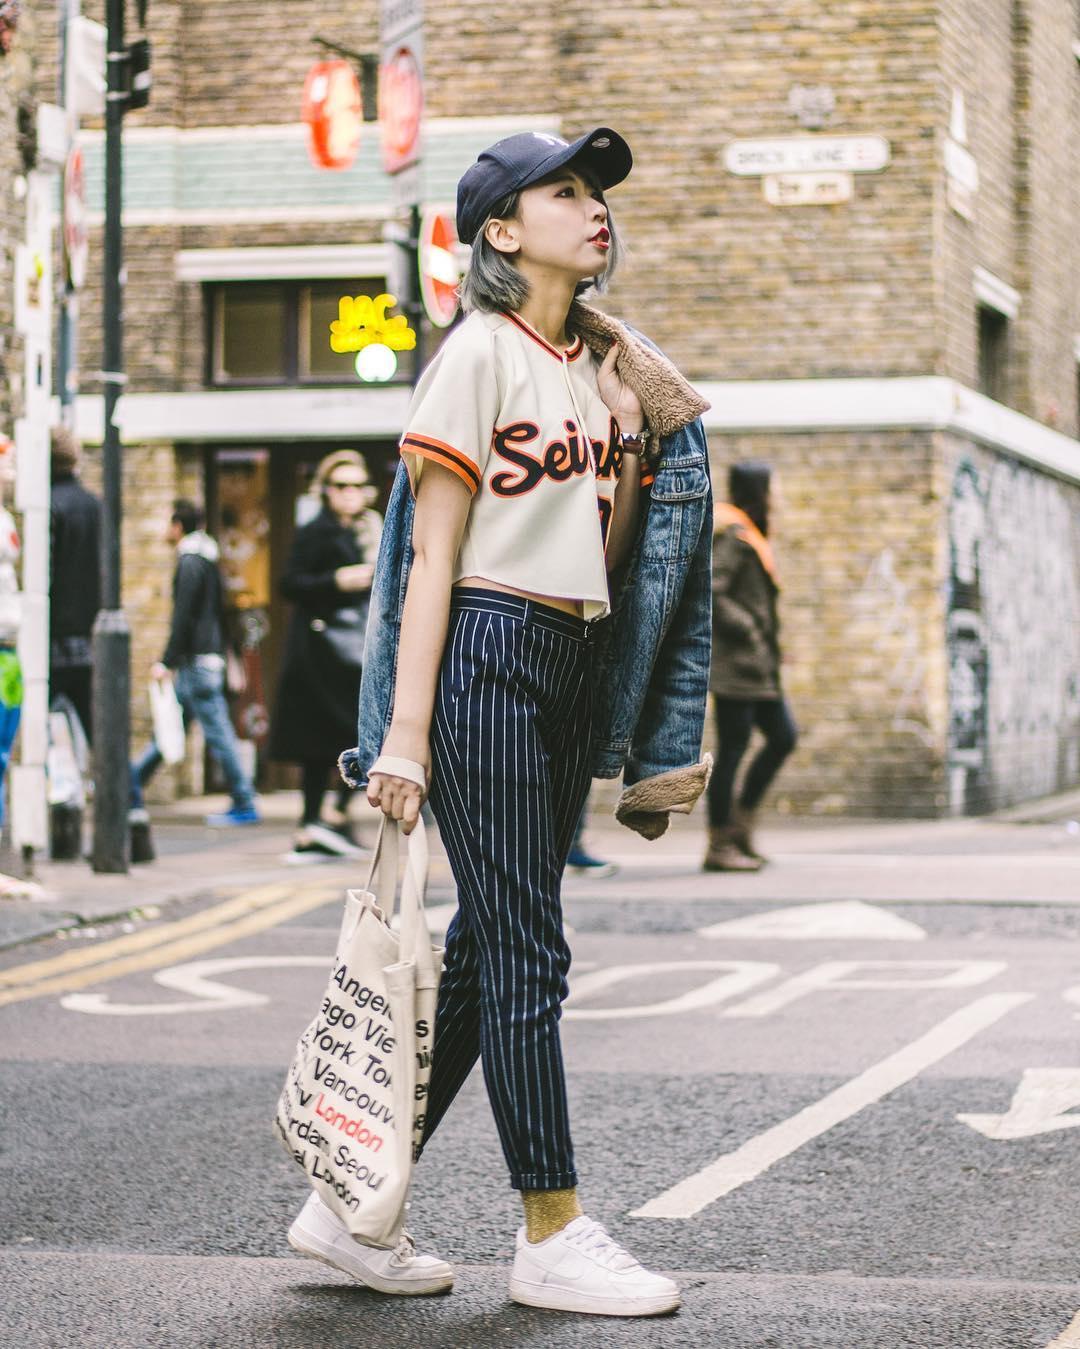 Ngắm street style siêu nuột của giới trẻ thế giới để lấy cảm hứng mix đồ thôi nào các nàng! - Ảnh 7.